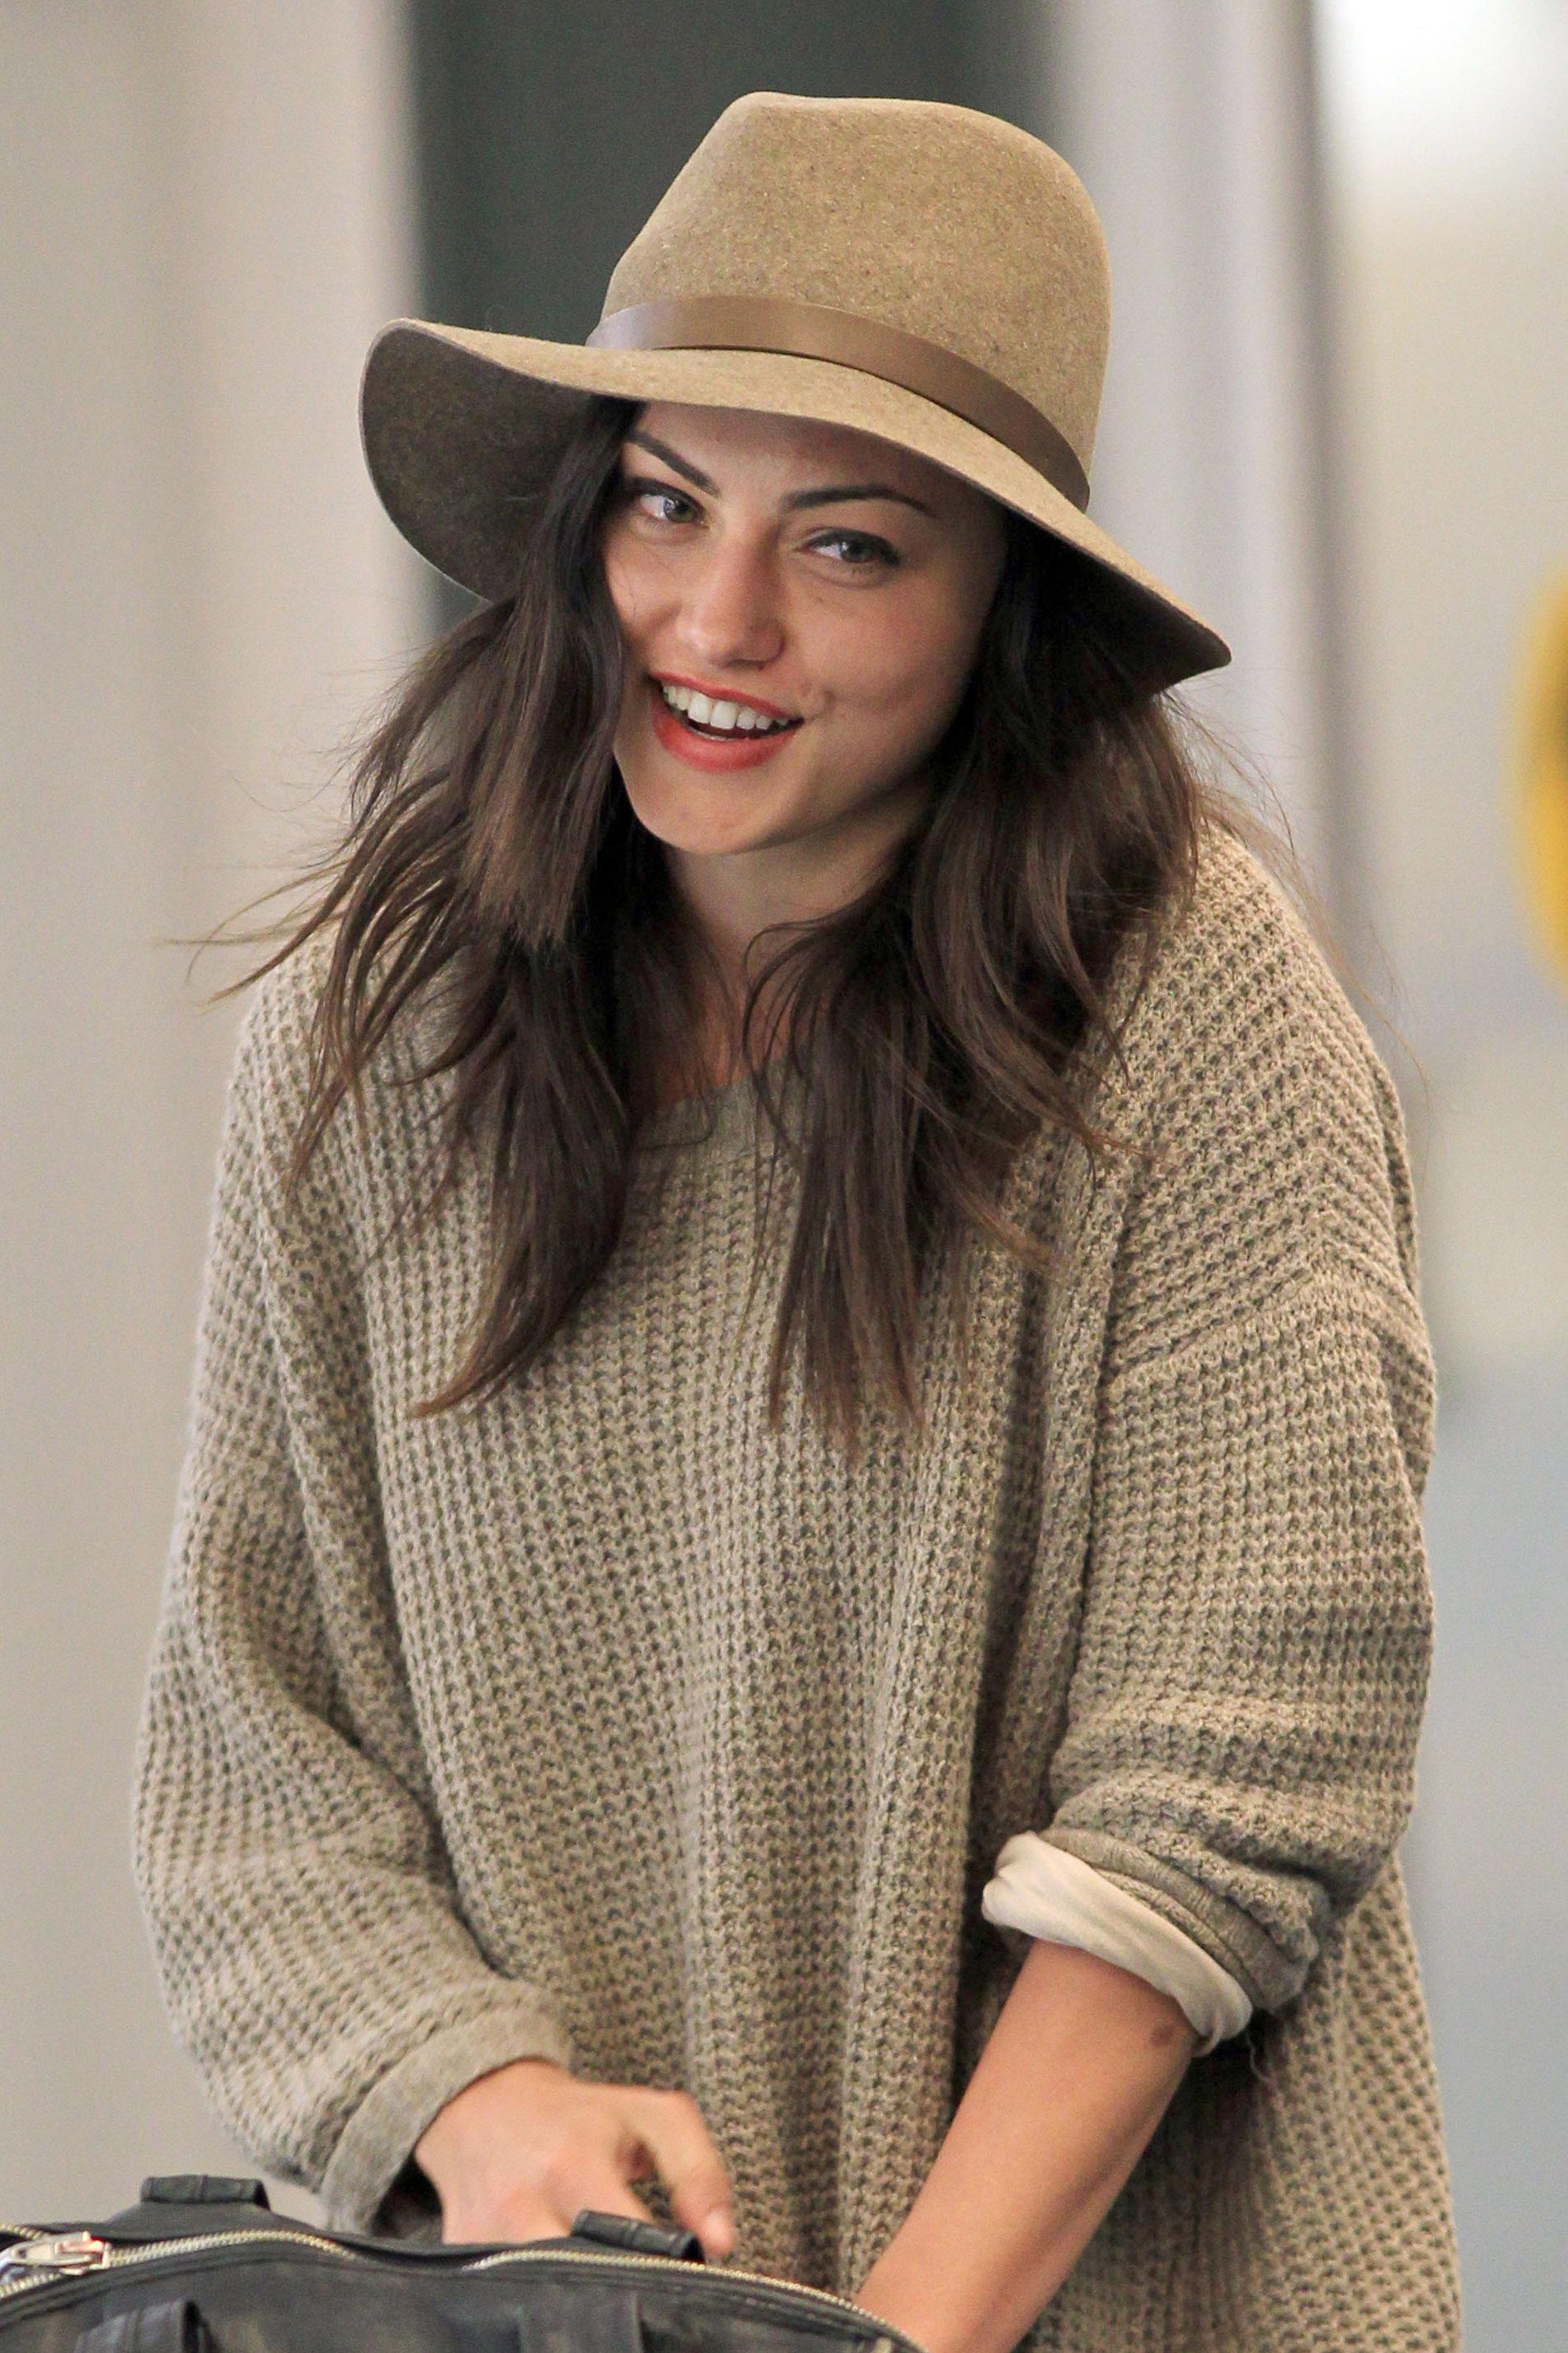 1000+ images about Phoebe Tonkin on Pinterest | Phoebe ...